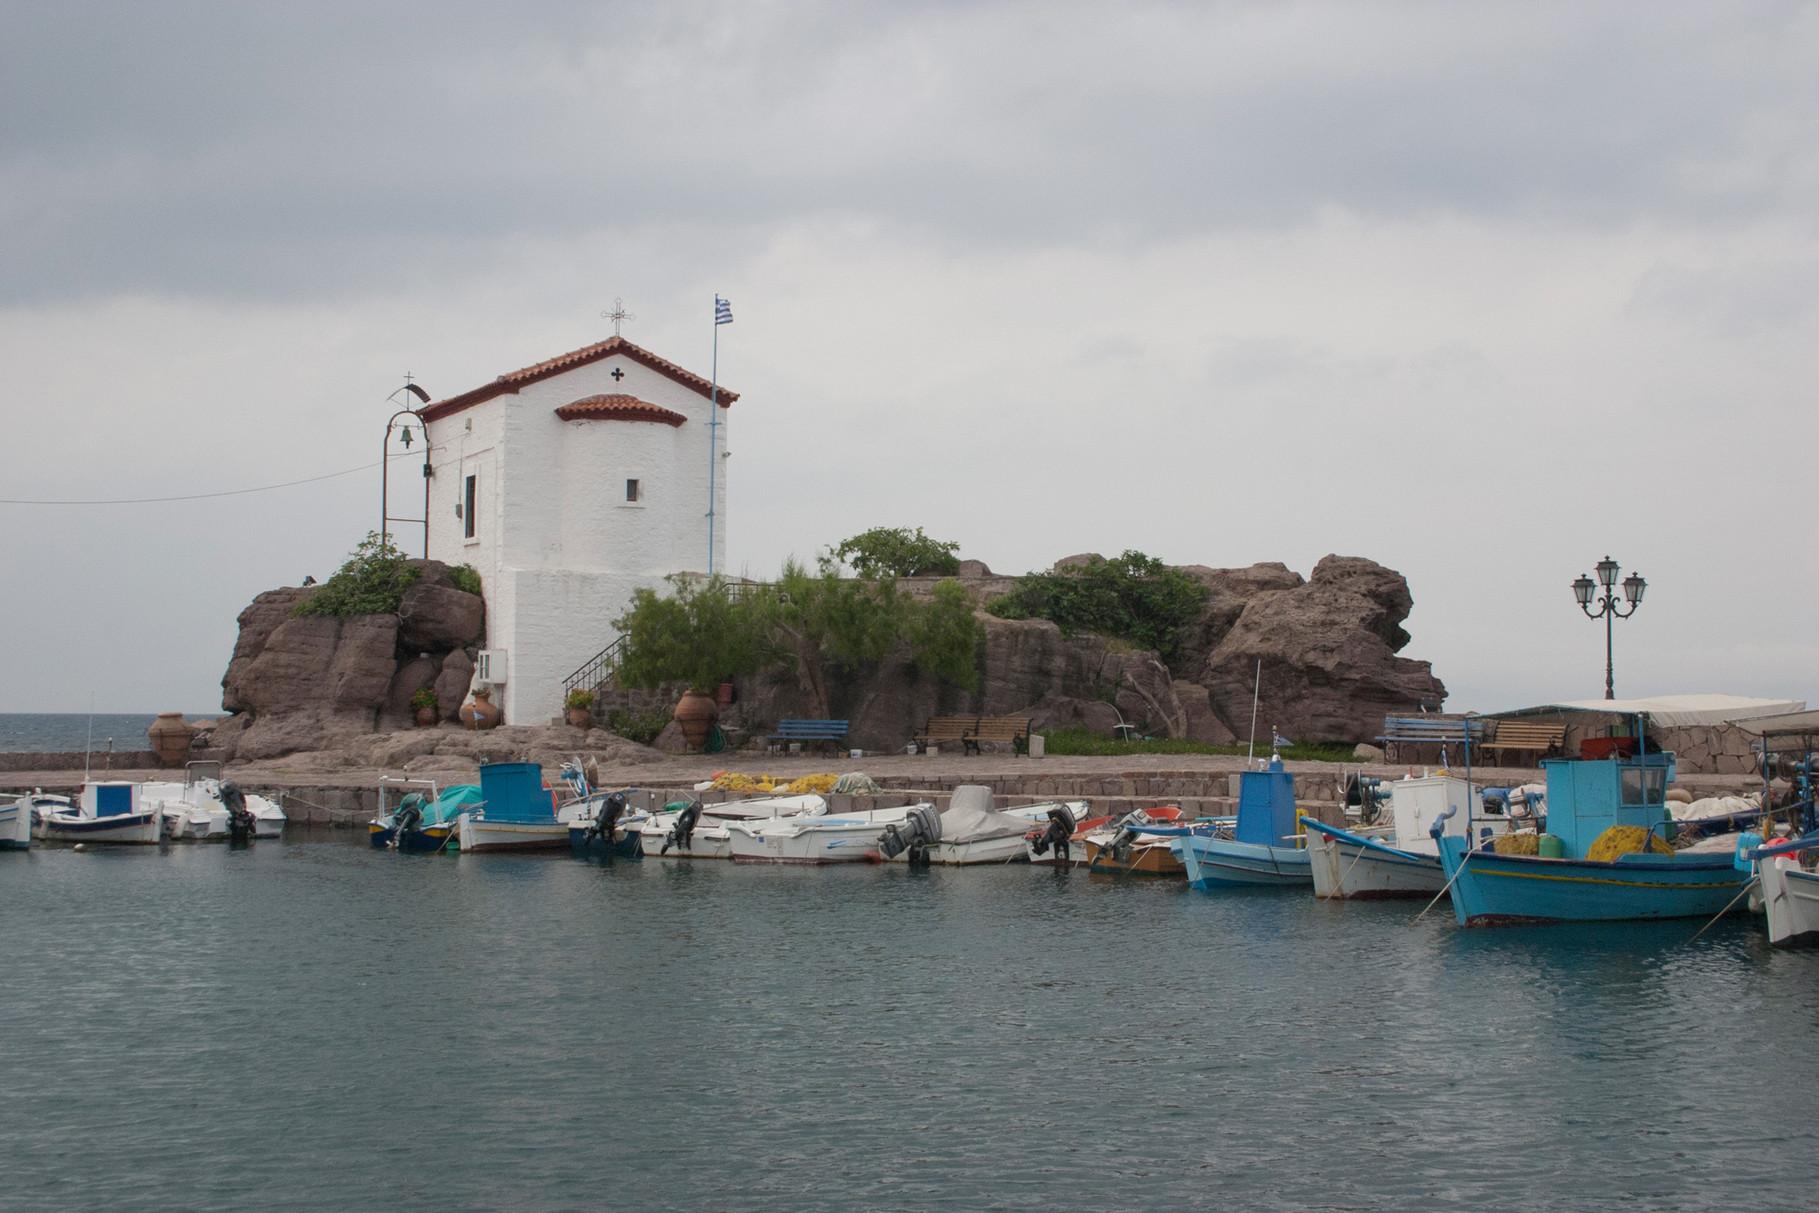 Fahrt der Nordküste entlang: die berühmte Kapelle am Hafen von Skala Sikaminias